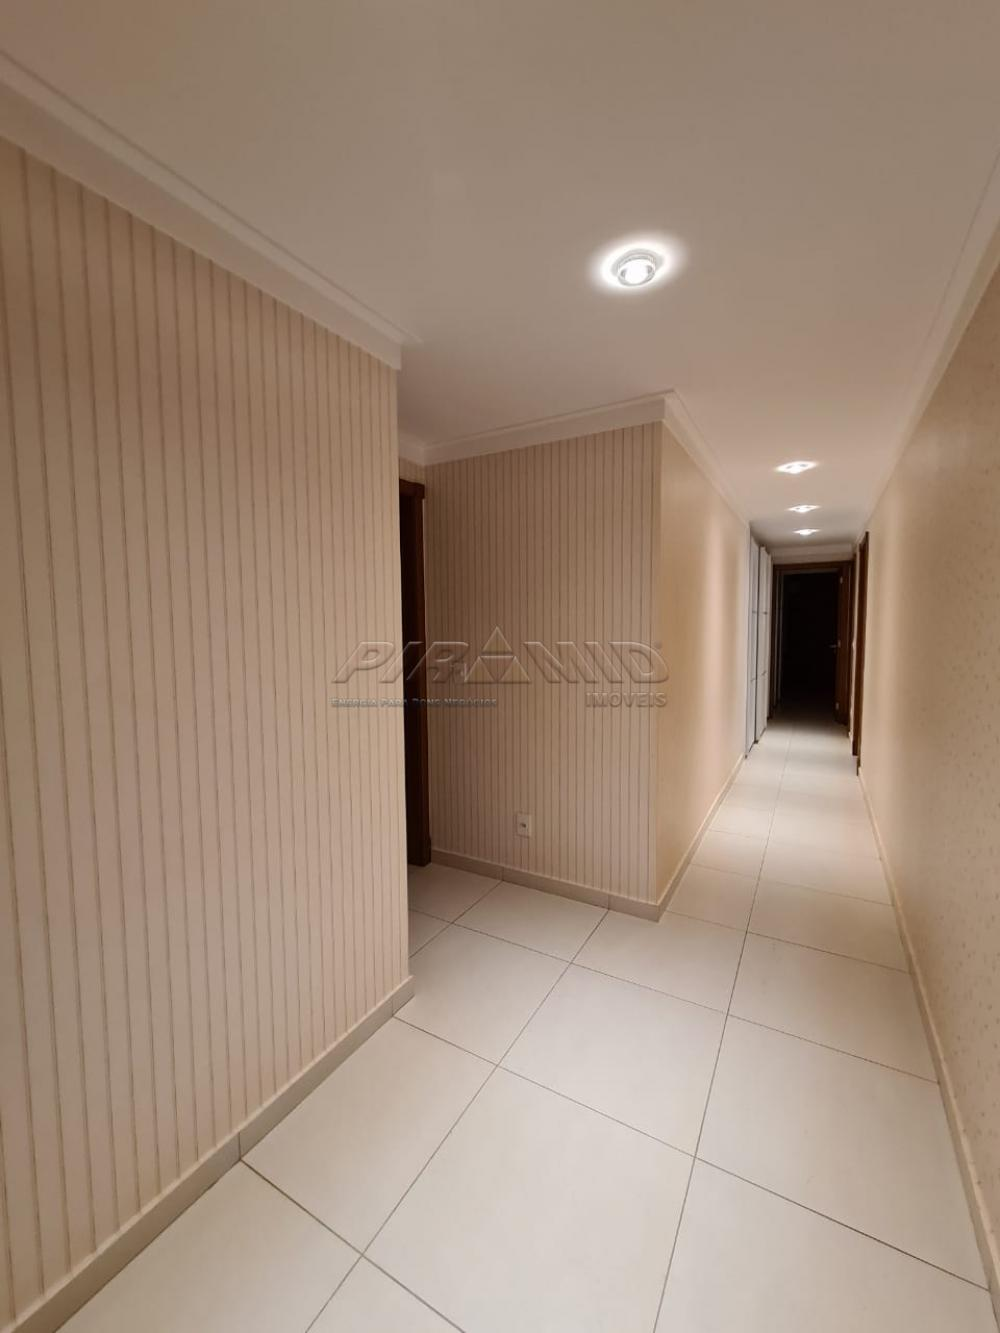 Alugar Apartamento / Padrão em Ribeirão Preto R$ 8.000,00 - Foto 42